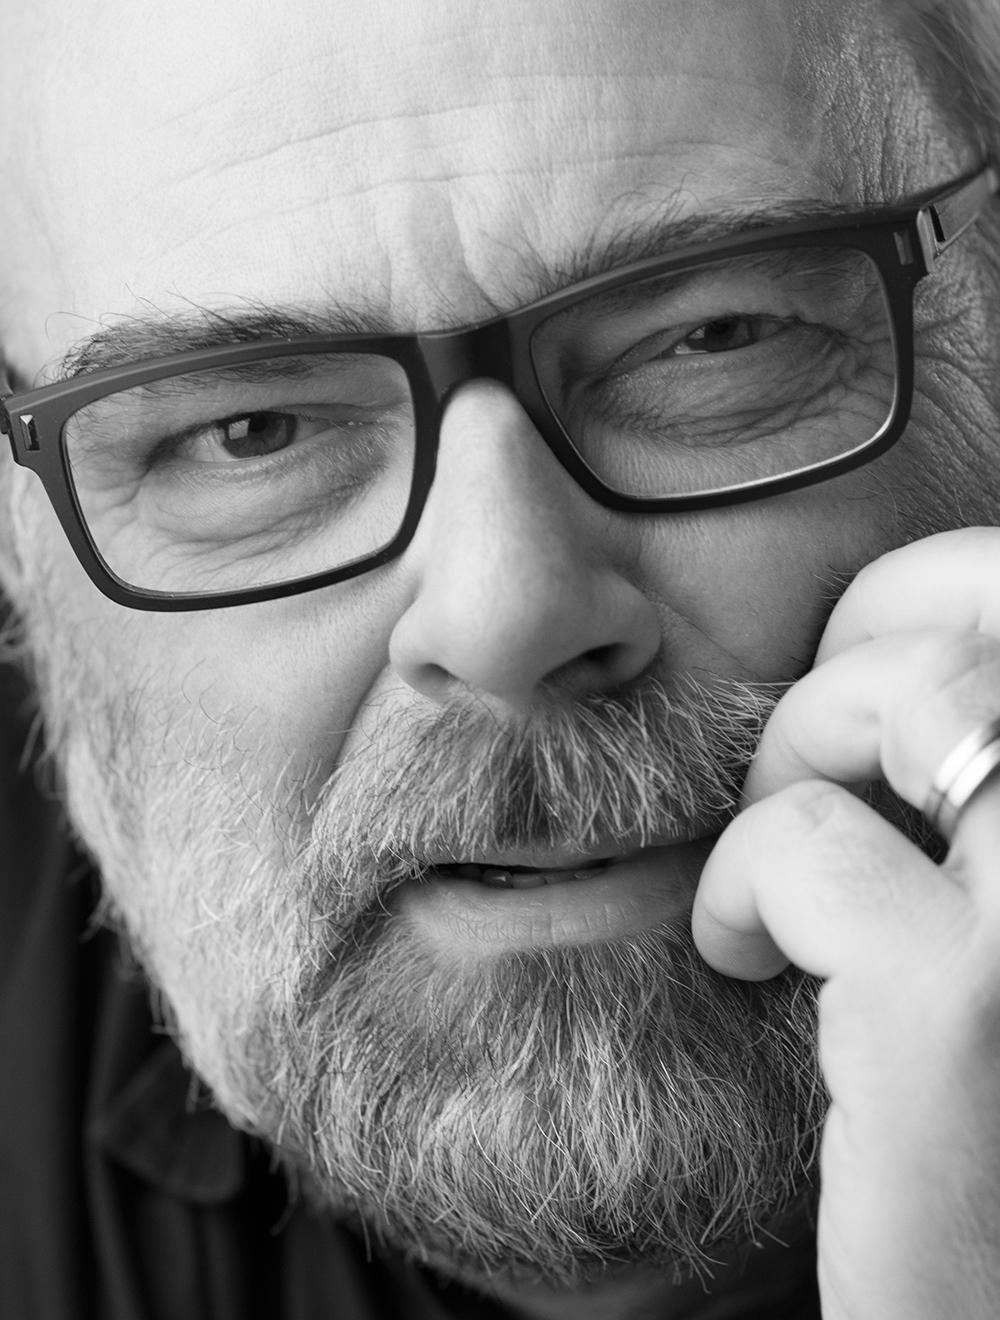 Jan Mattlach